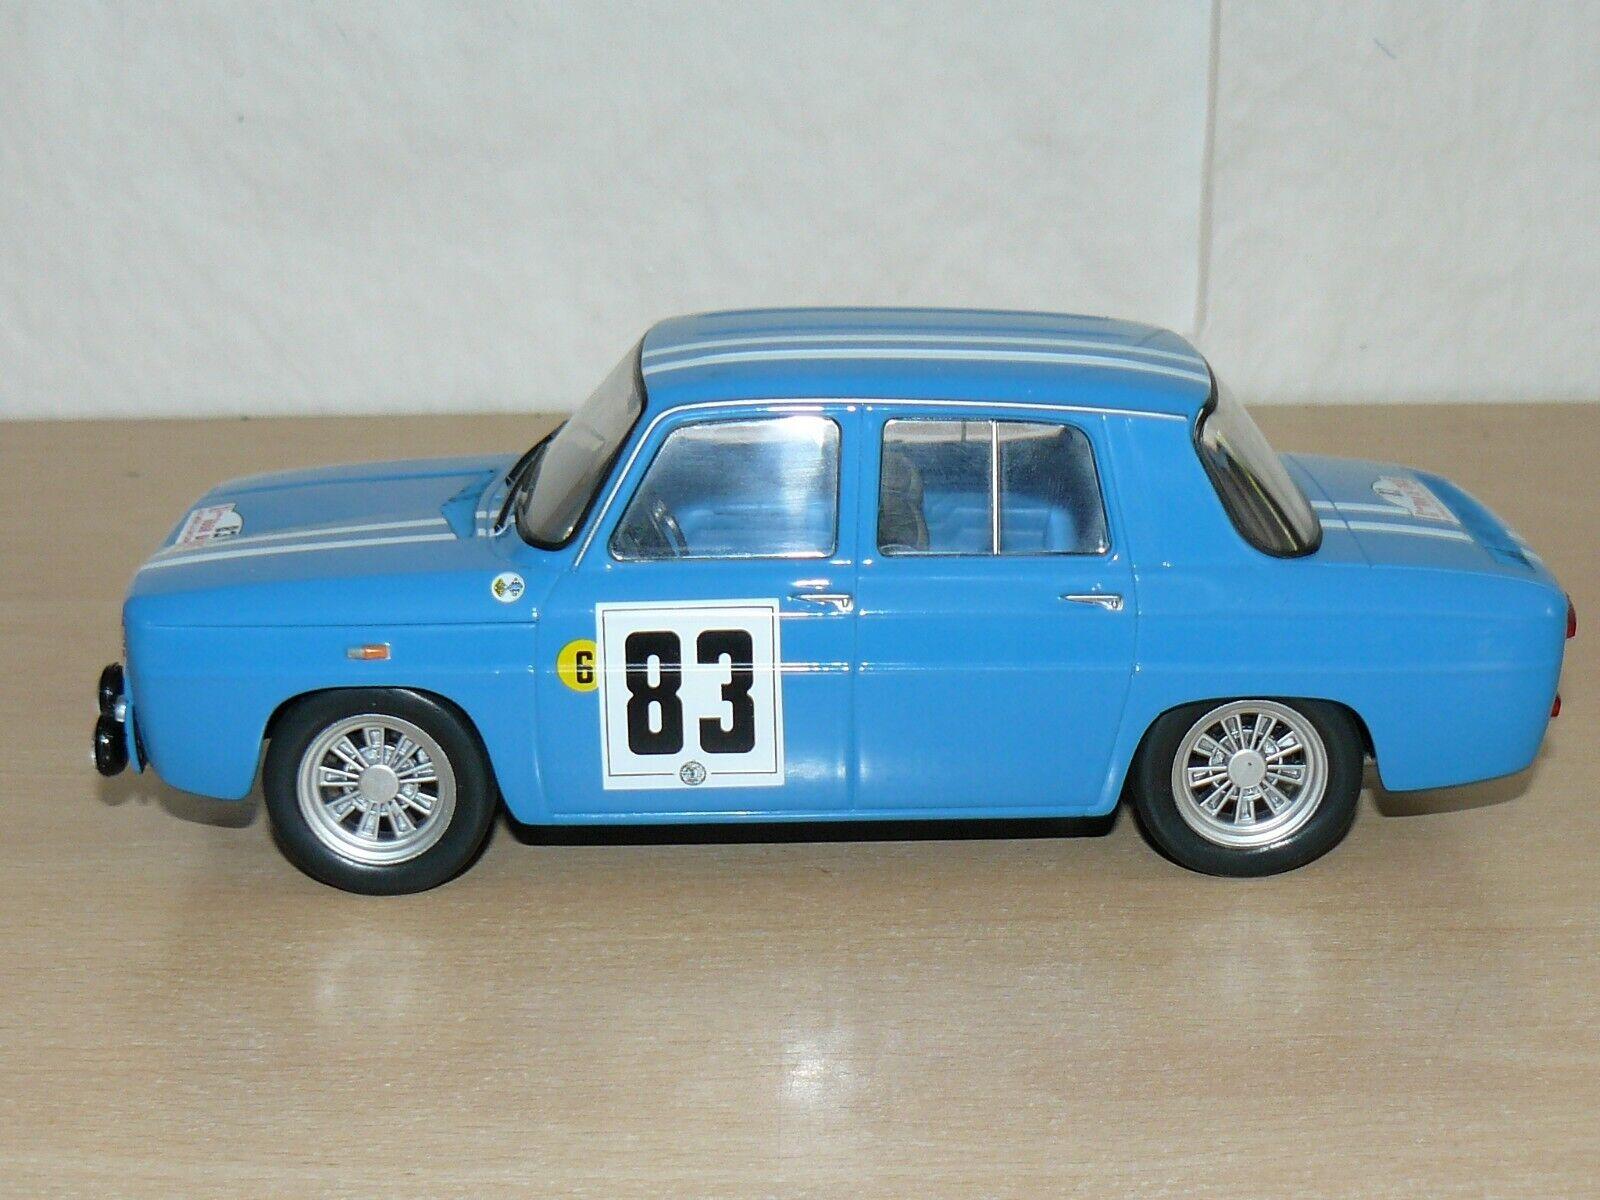 RENAULT 8 Gordini Nº 83 blue XI Tour de Corse 1966 1:18 scale 1/18 diecast car